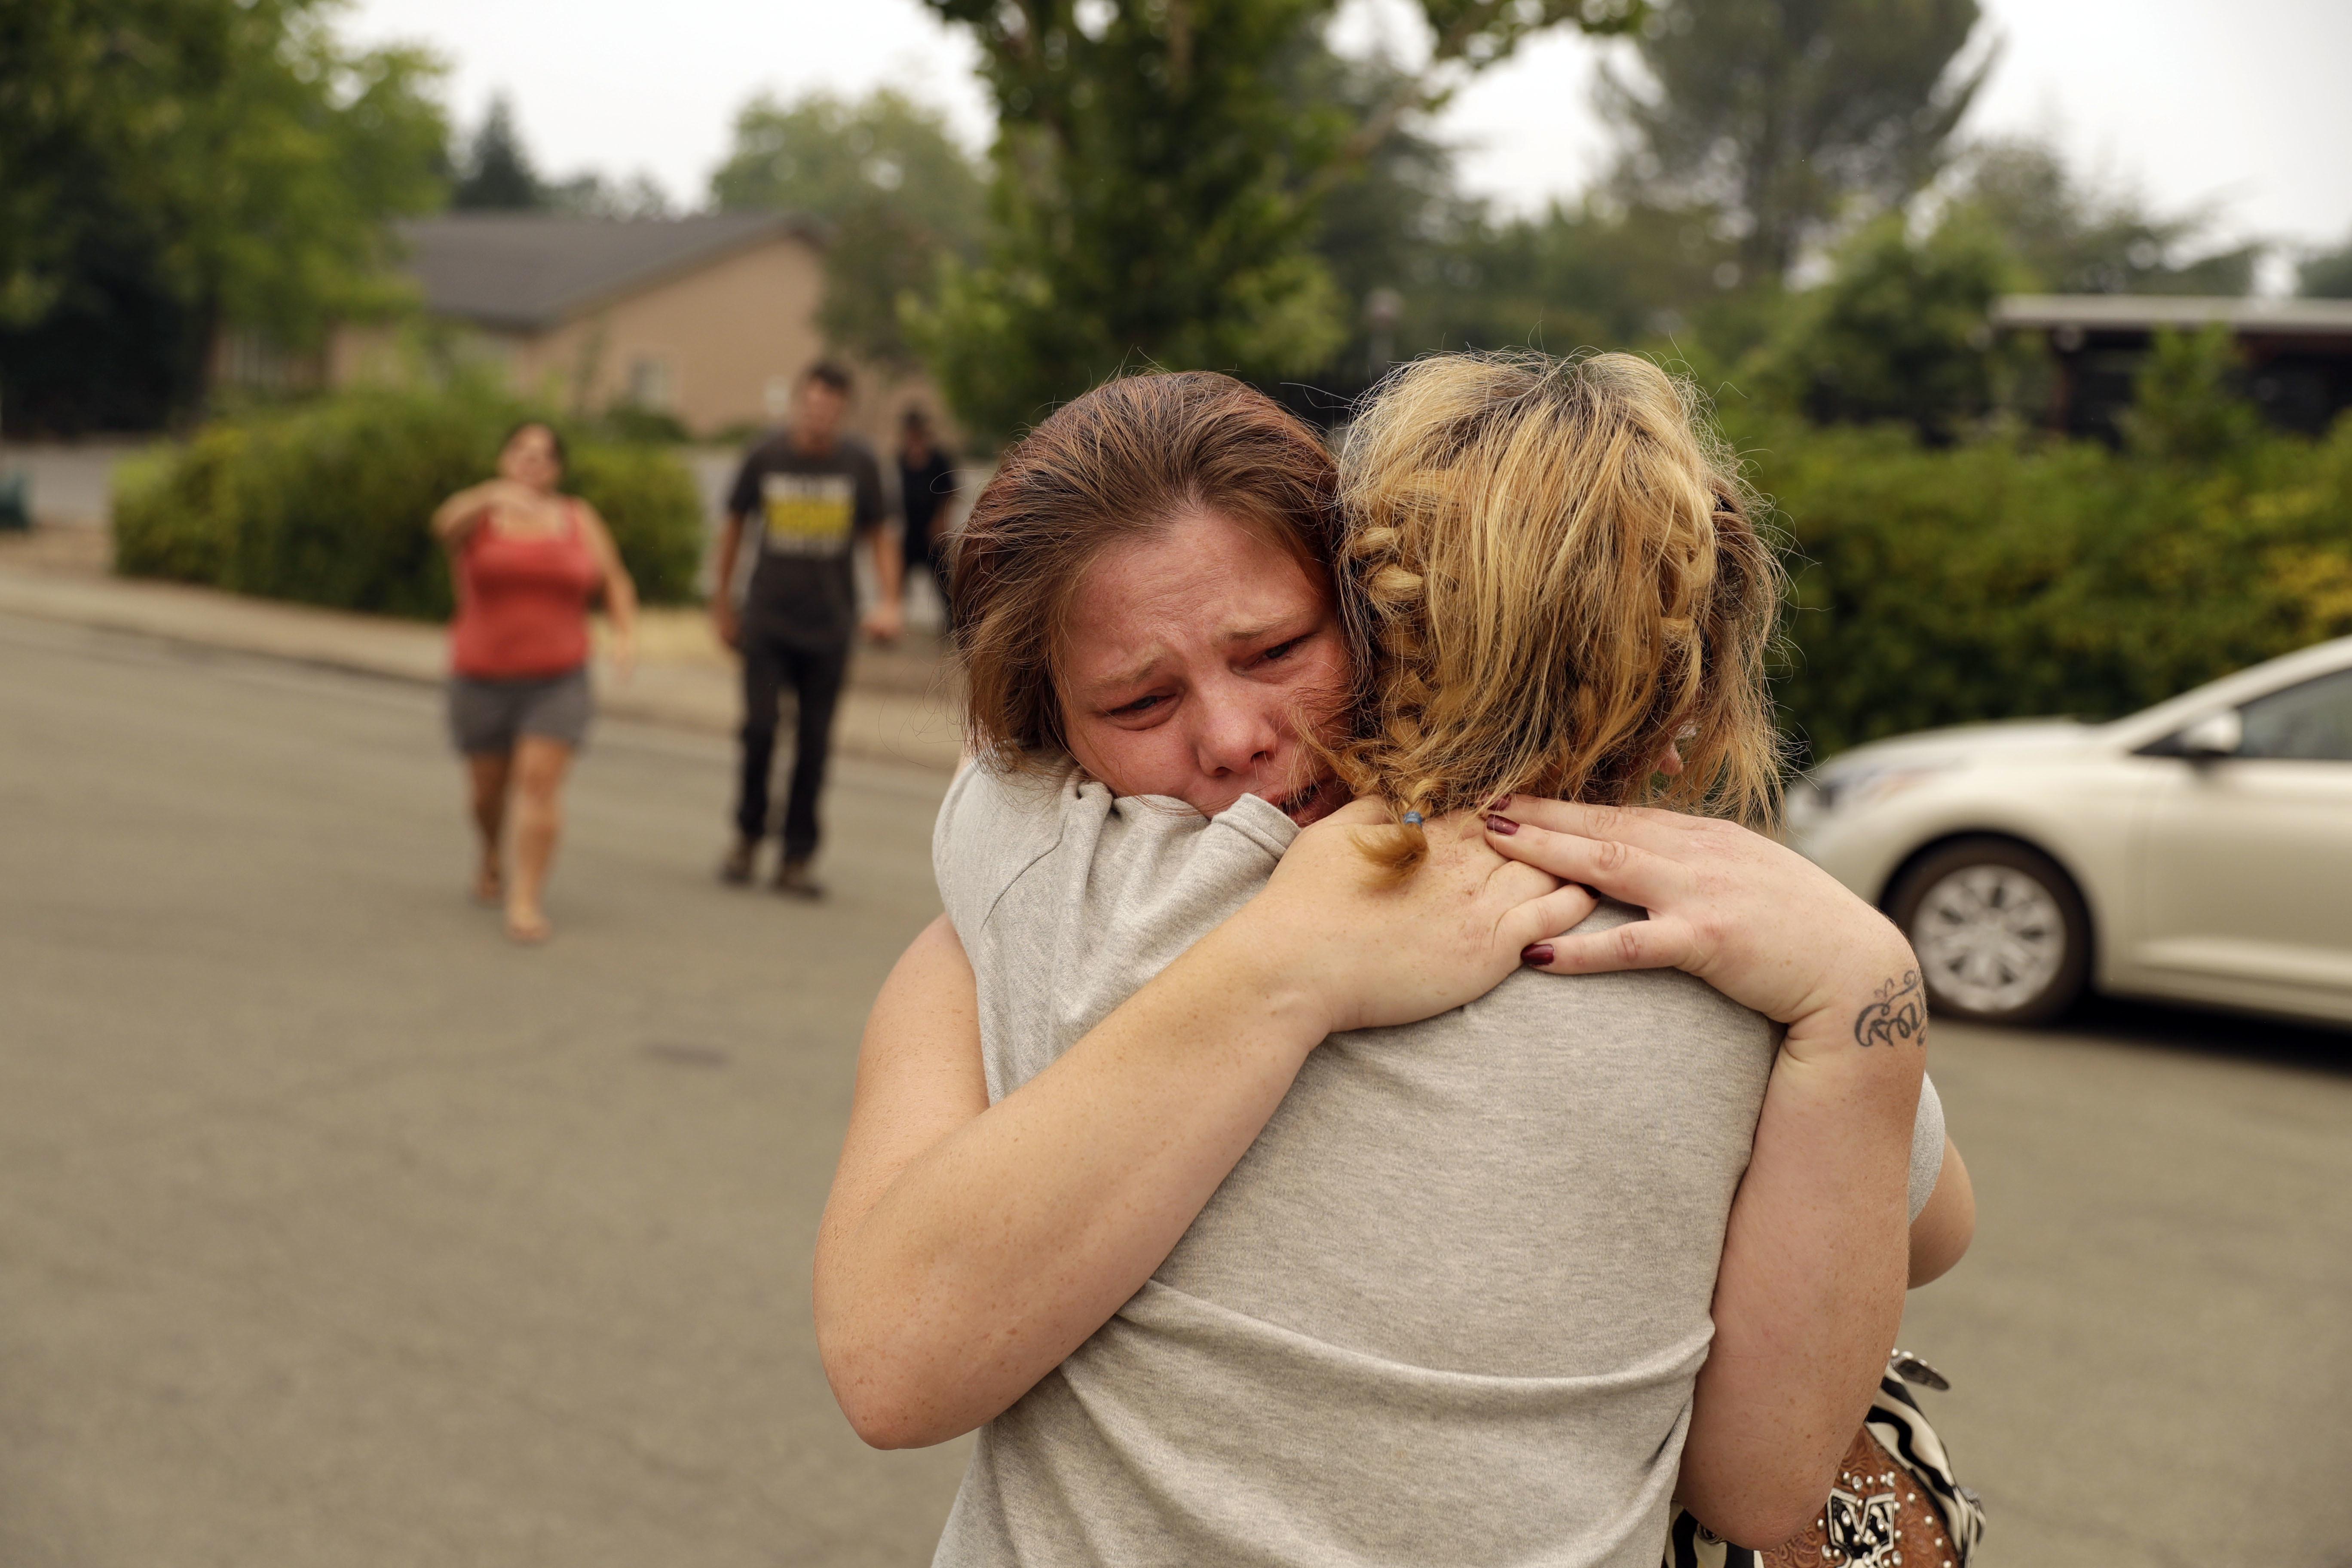 Carla Bledsoeabraza su hermana Sherrytras enterarse que los hijos de Sherry,James y Emily,murieron junto con la abuela durante el incendio el sábado (AP/ Marcio Jose Sanchez)